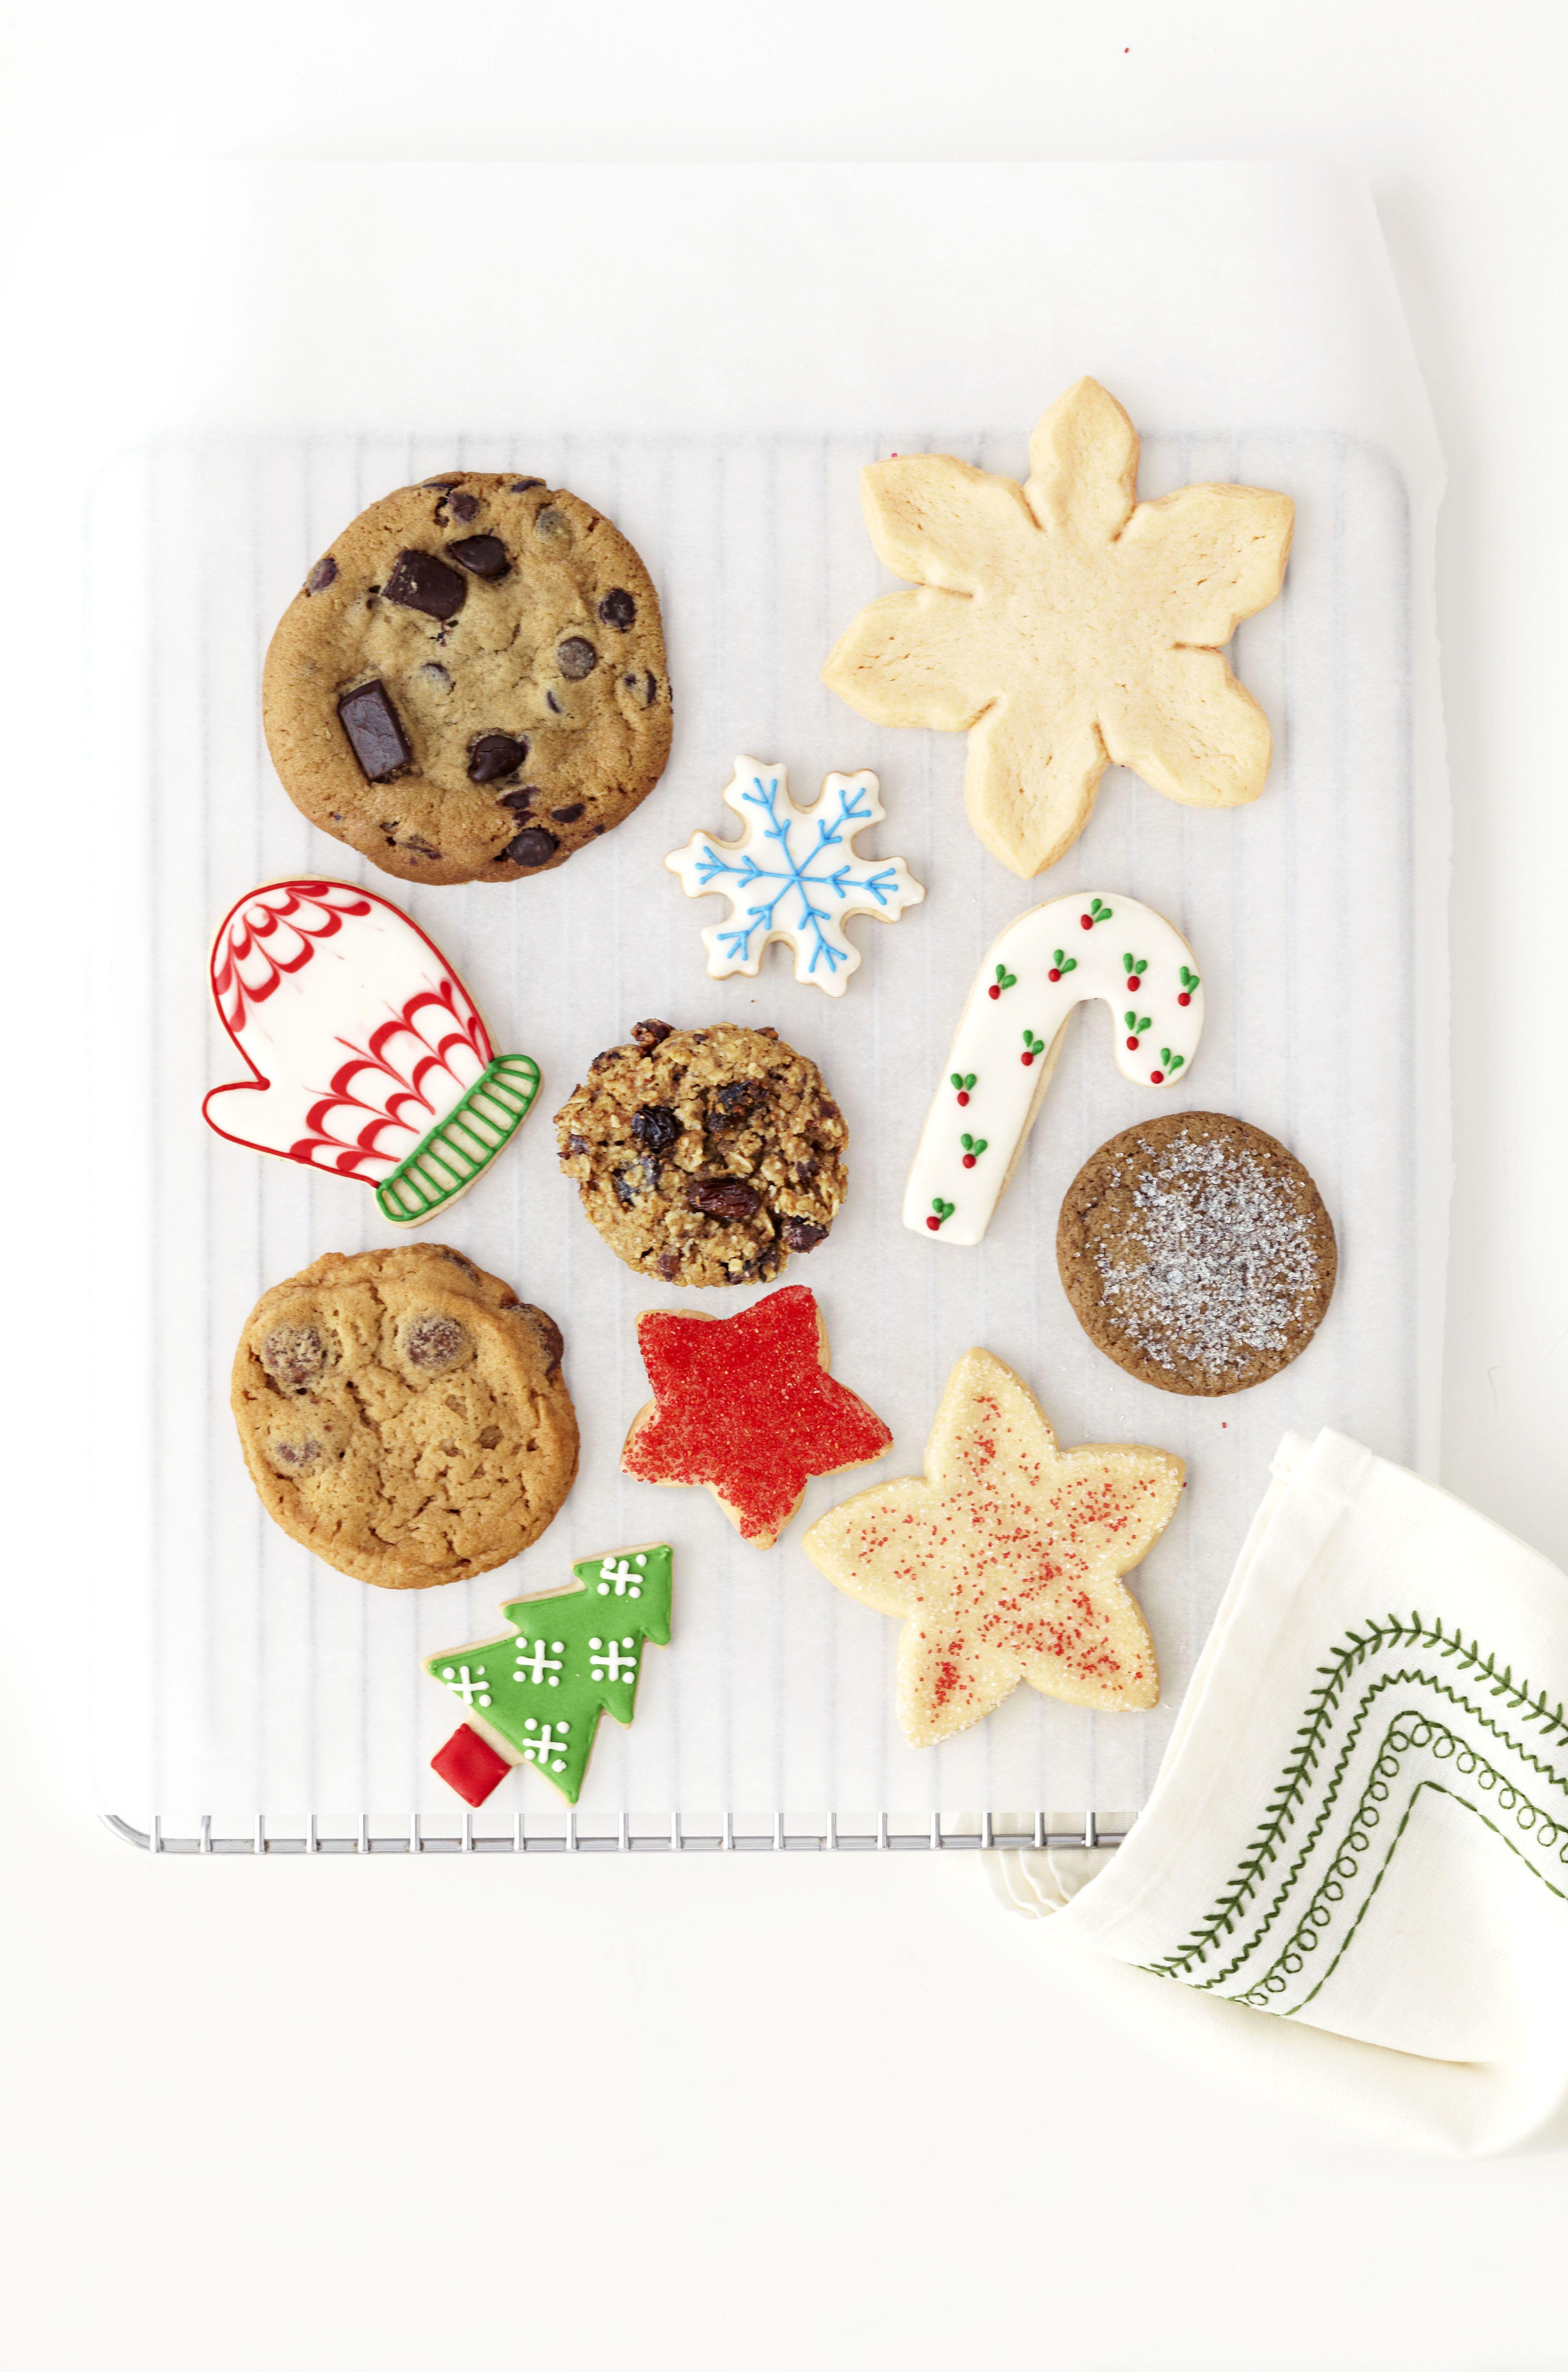 Pillsbury Cookie Dough Recipes Christmas : pillsbury, cookie, dough, recipes, christmas, Christmas, Cookies, Recipe, Their, Shape